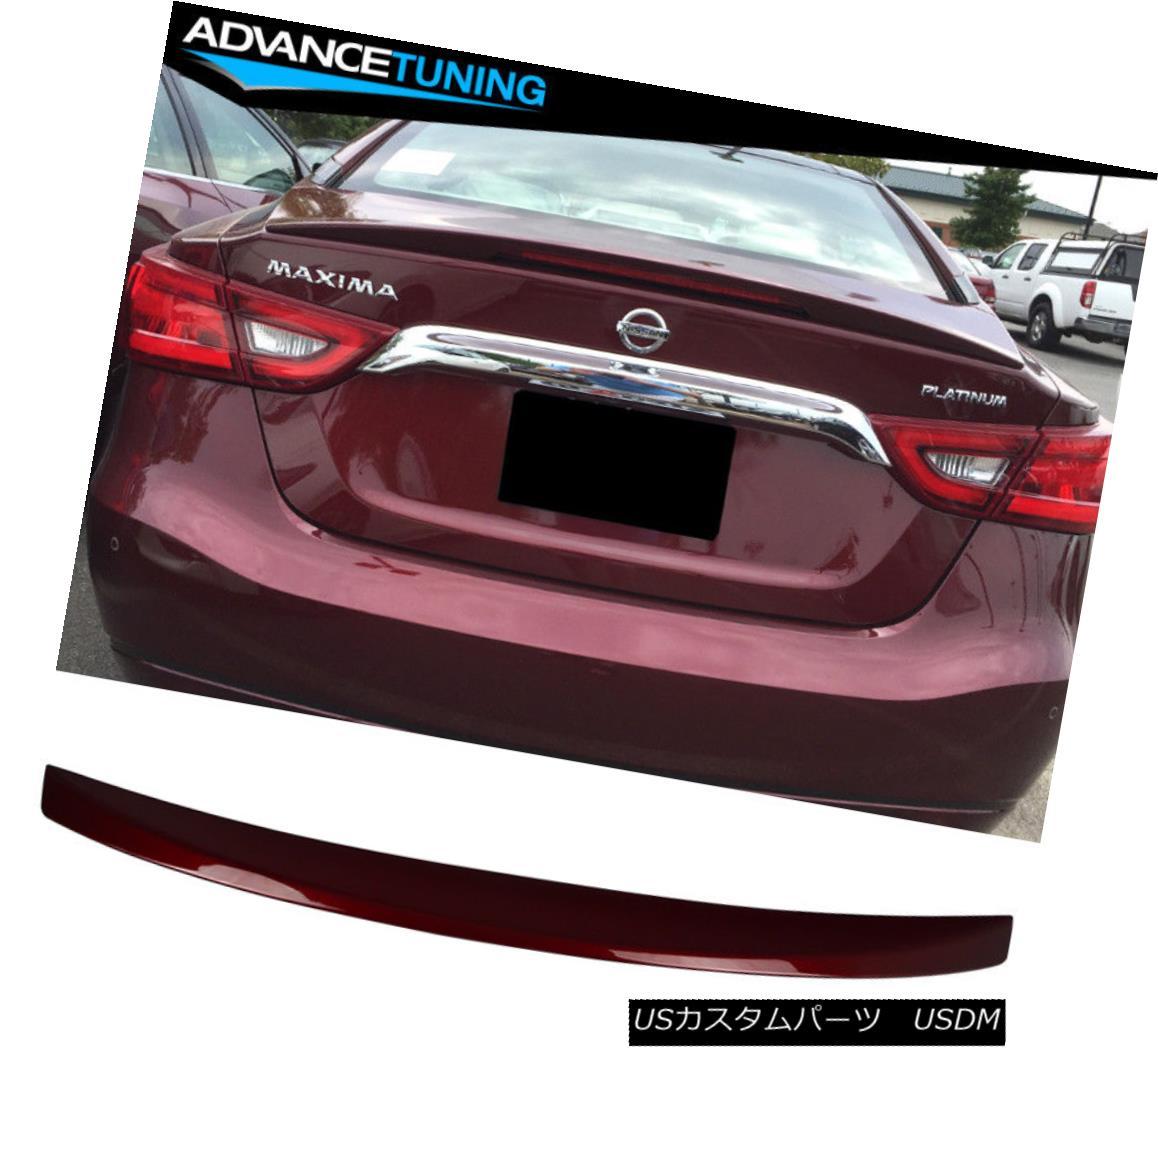 エアロパーツ Fits 16-18 Maxima OE ABS Trunk Spoiler OEM Painted Color Coulis Red # NAW フィット16-18マキシマOE ABSトランクスポイラーOEM塗装色Coulis赤#NAW